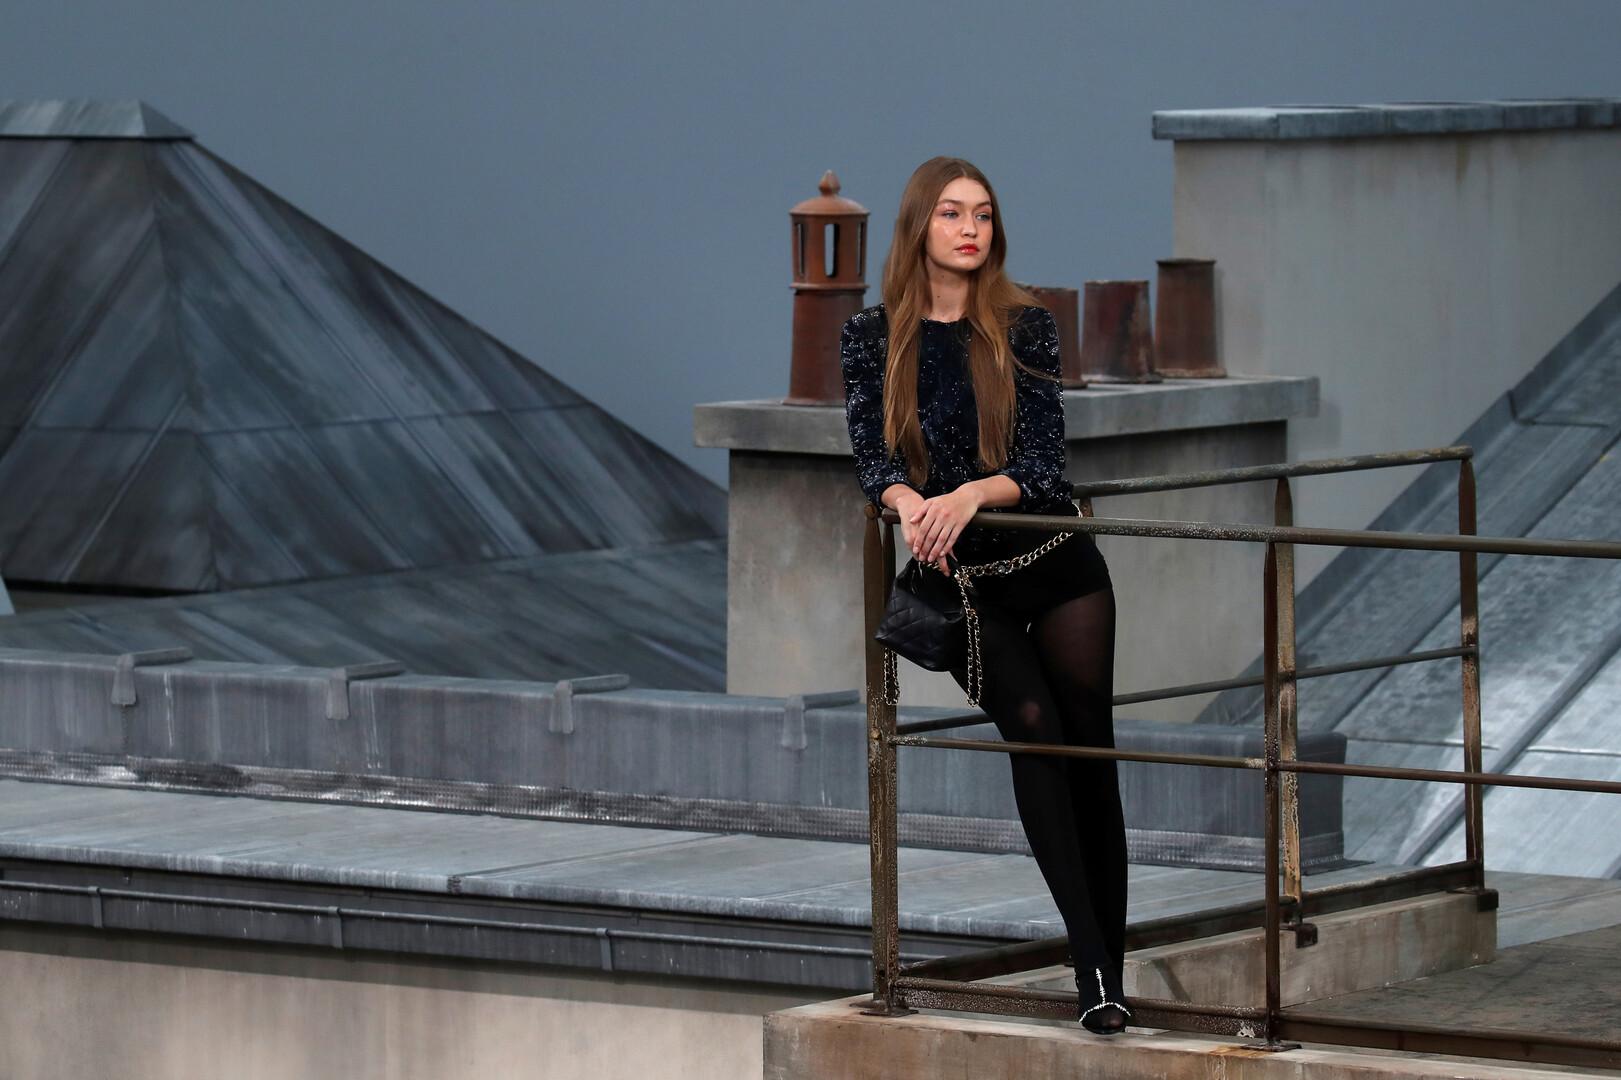 عارضة الأزياء الأمريكية الفلسطينية جيجي حديد خلال عرض أزياء دار